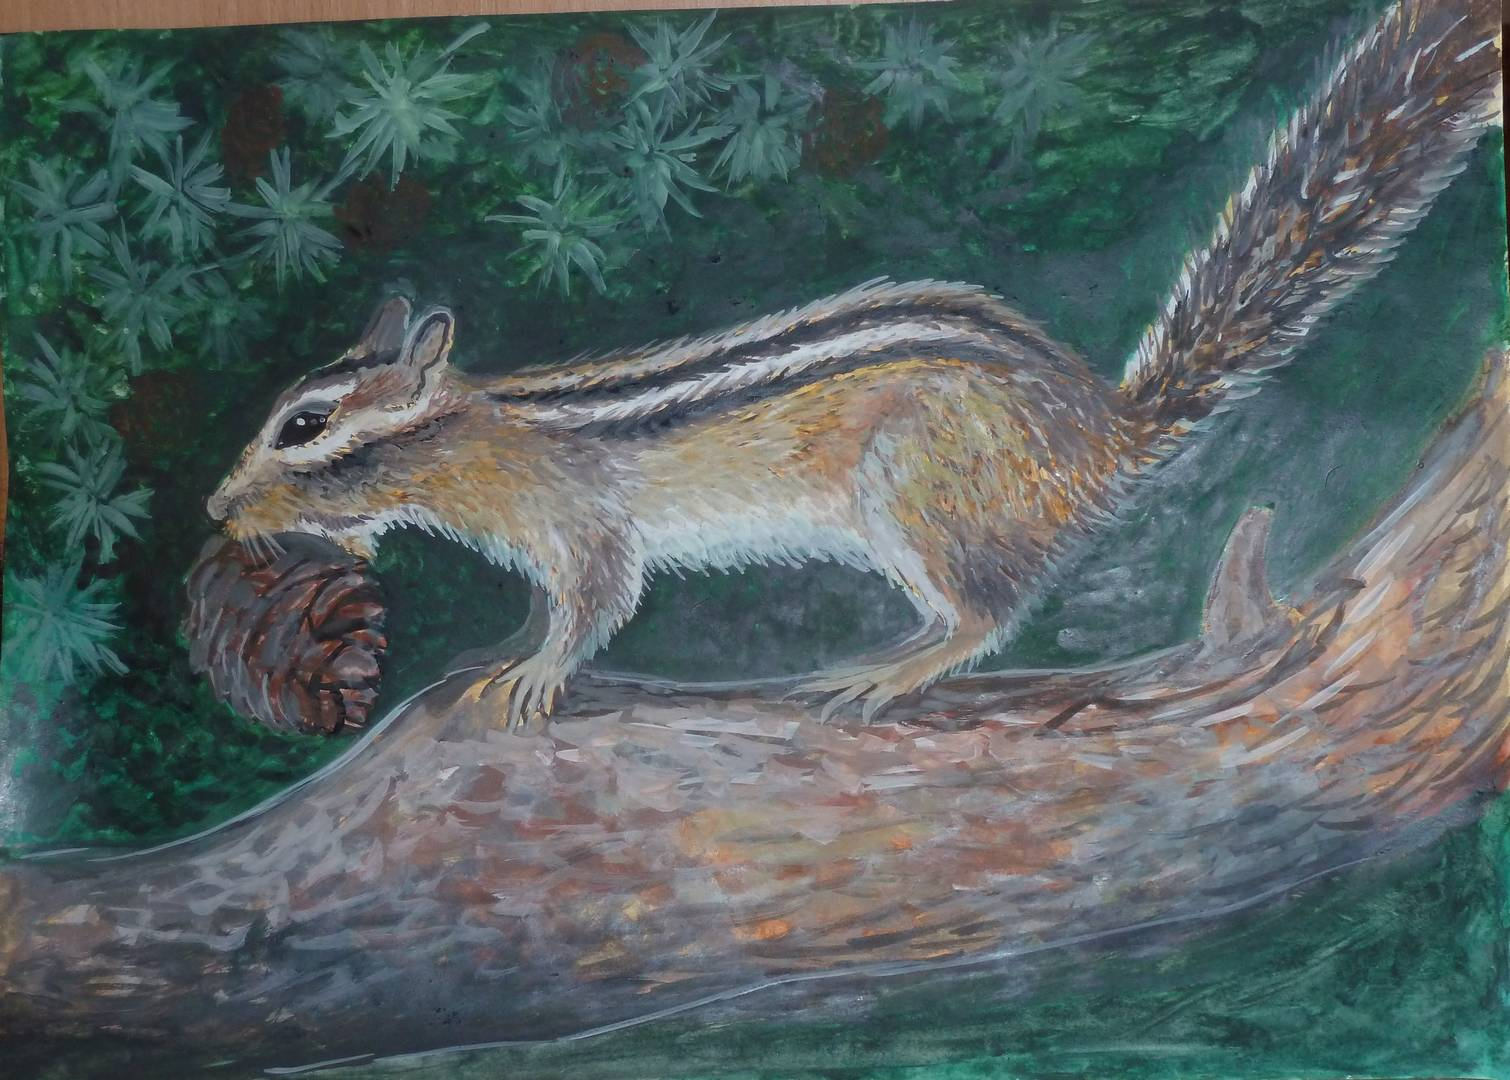 рисунок бурундука в лесу можете